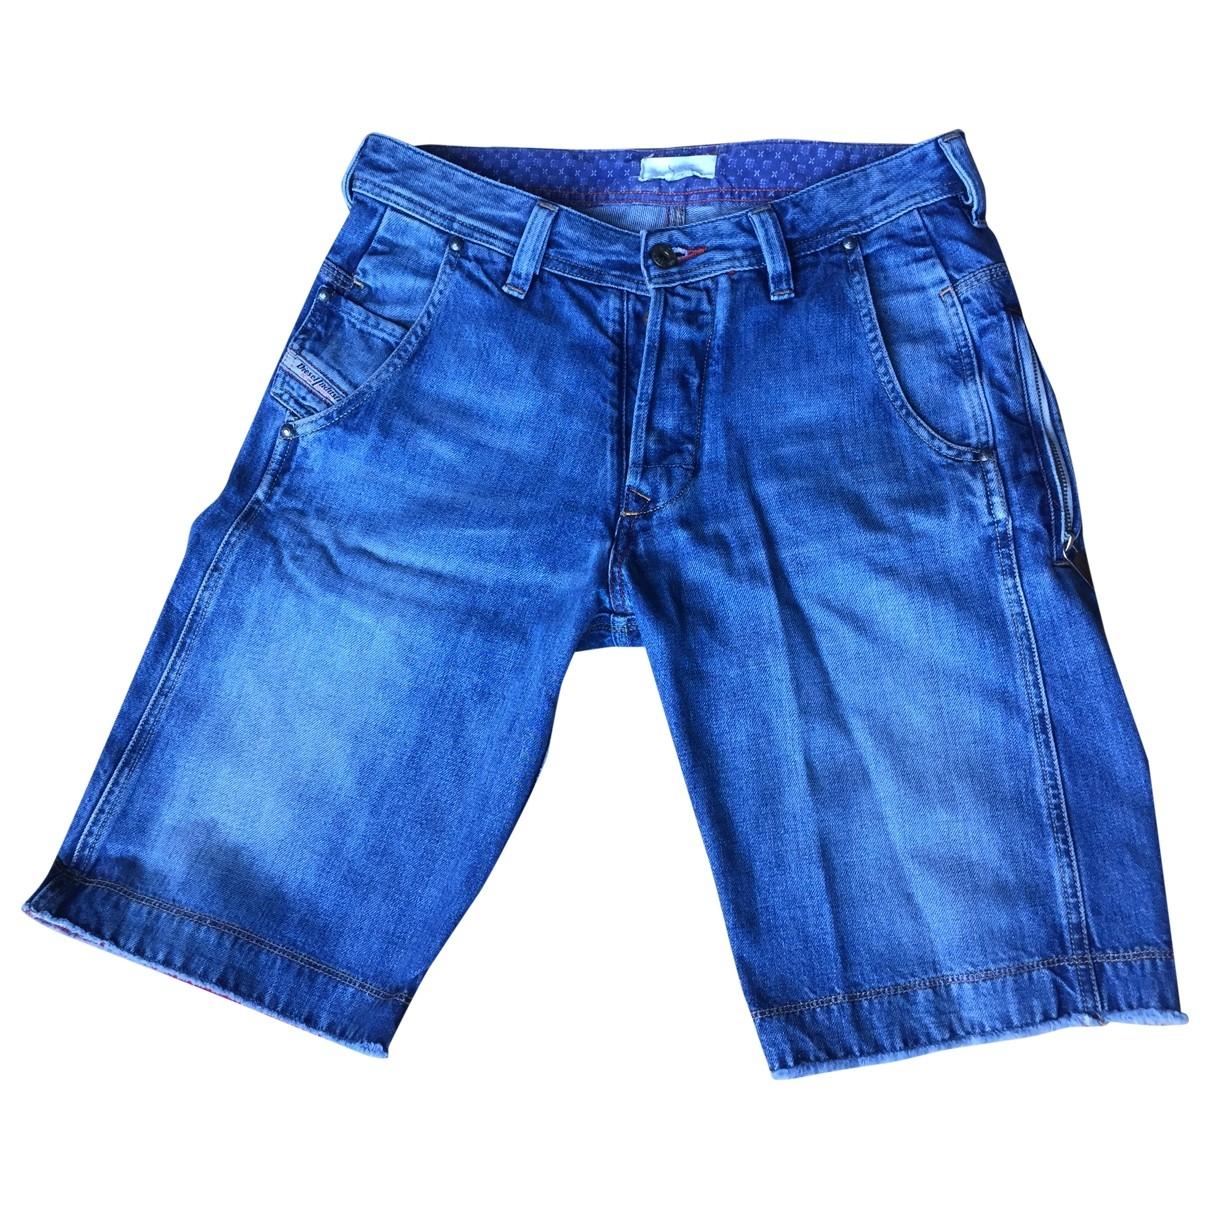 Diesel \N Blue Denim - Jeans Shorts for Men S International